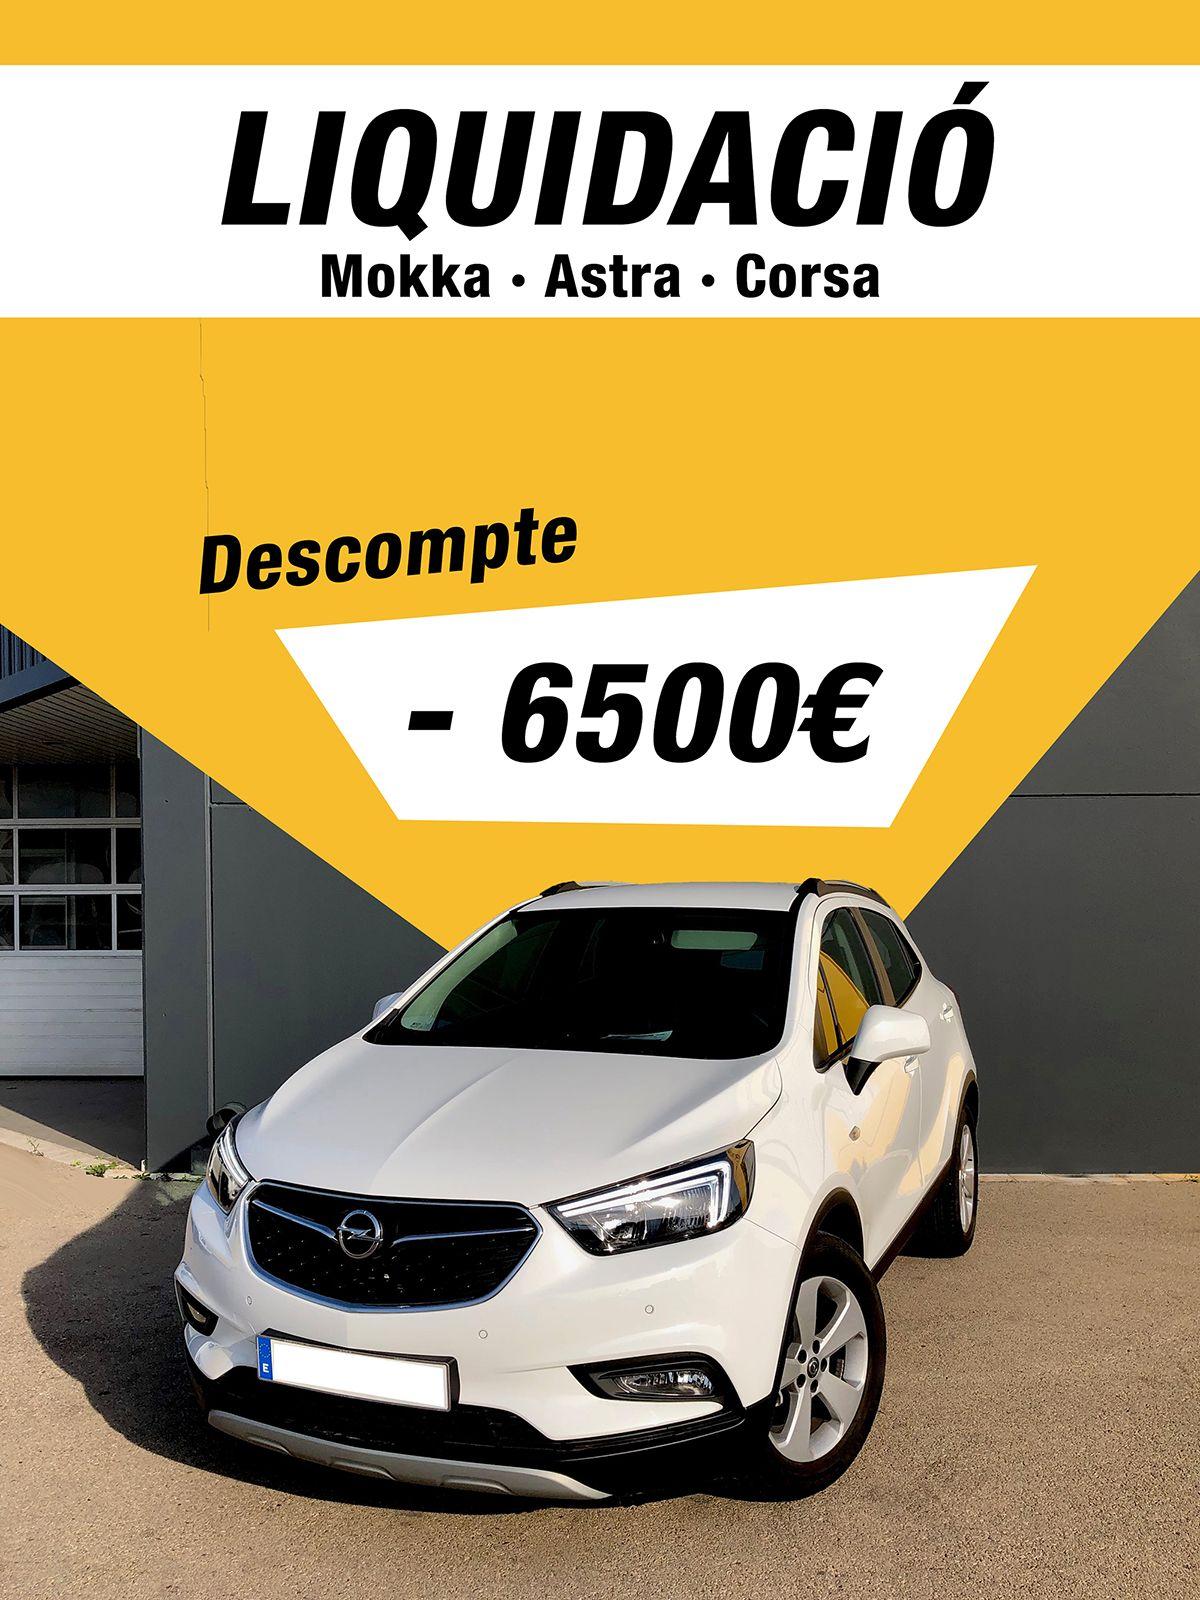 Liquidació Mokka Astra Corsa